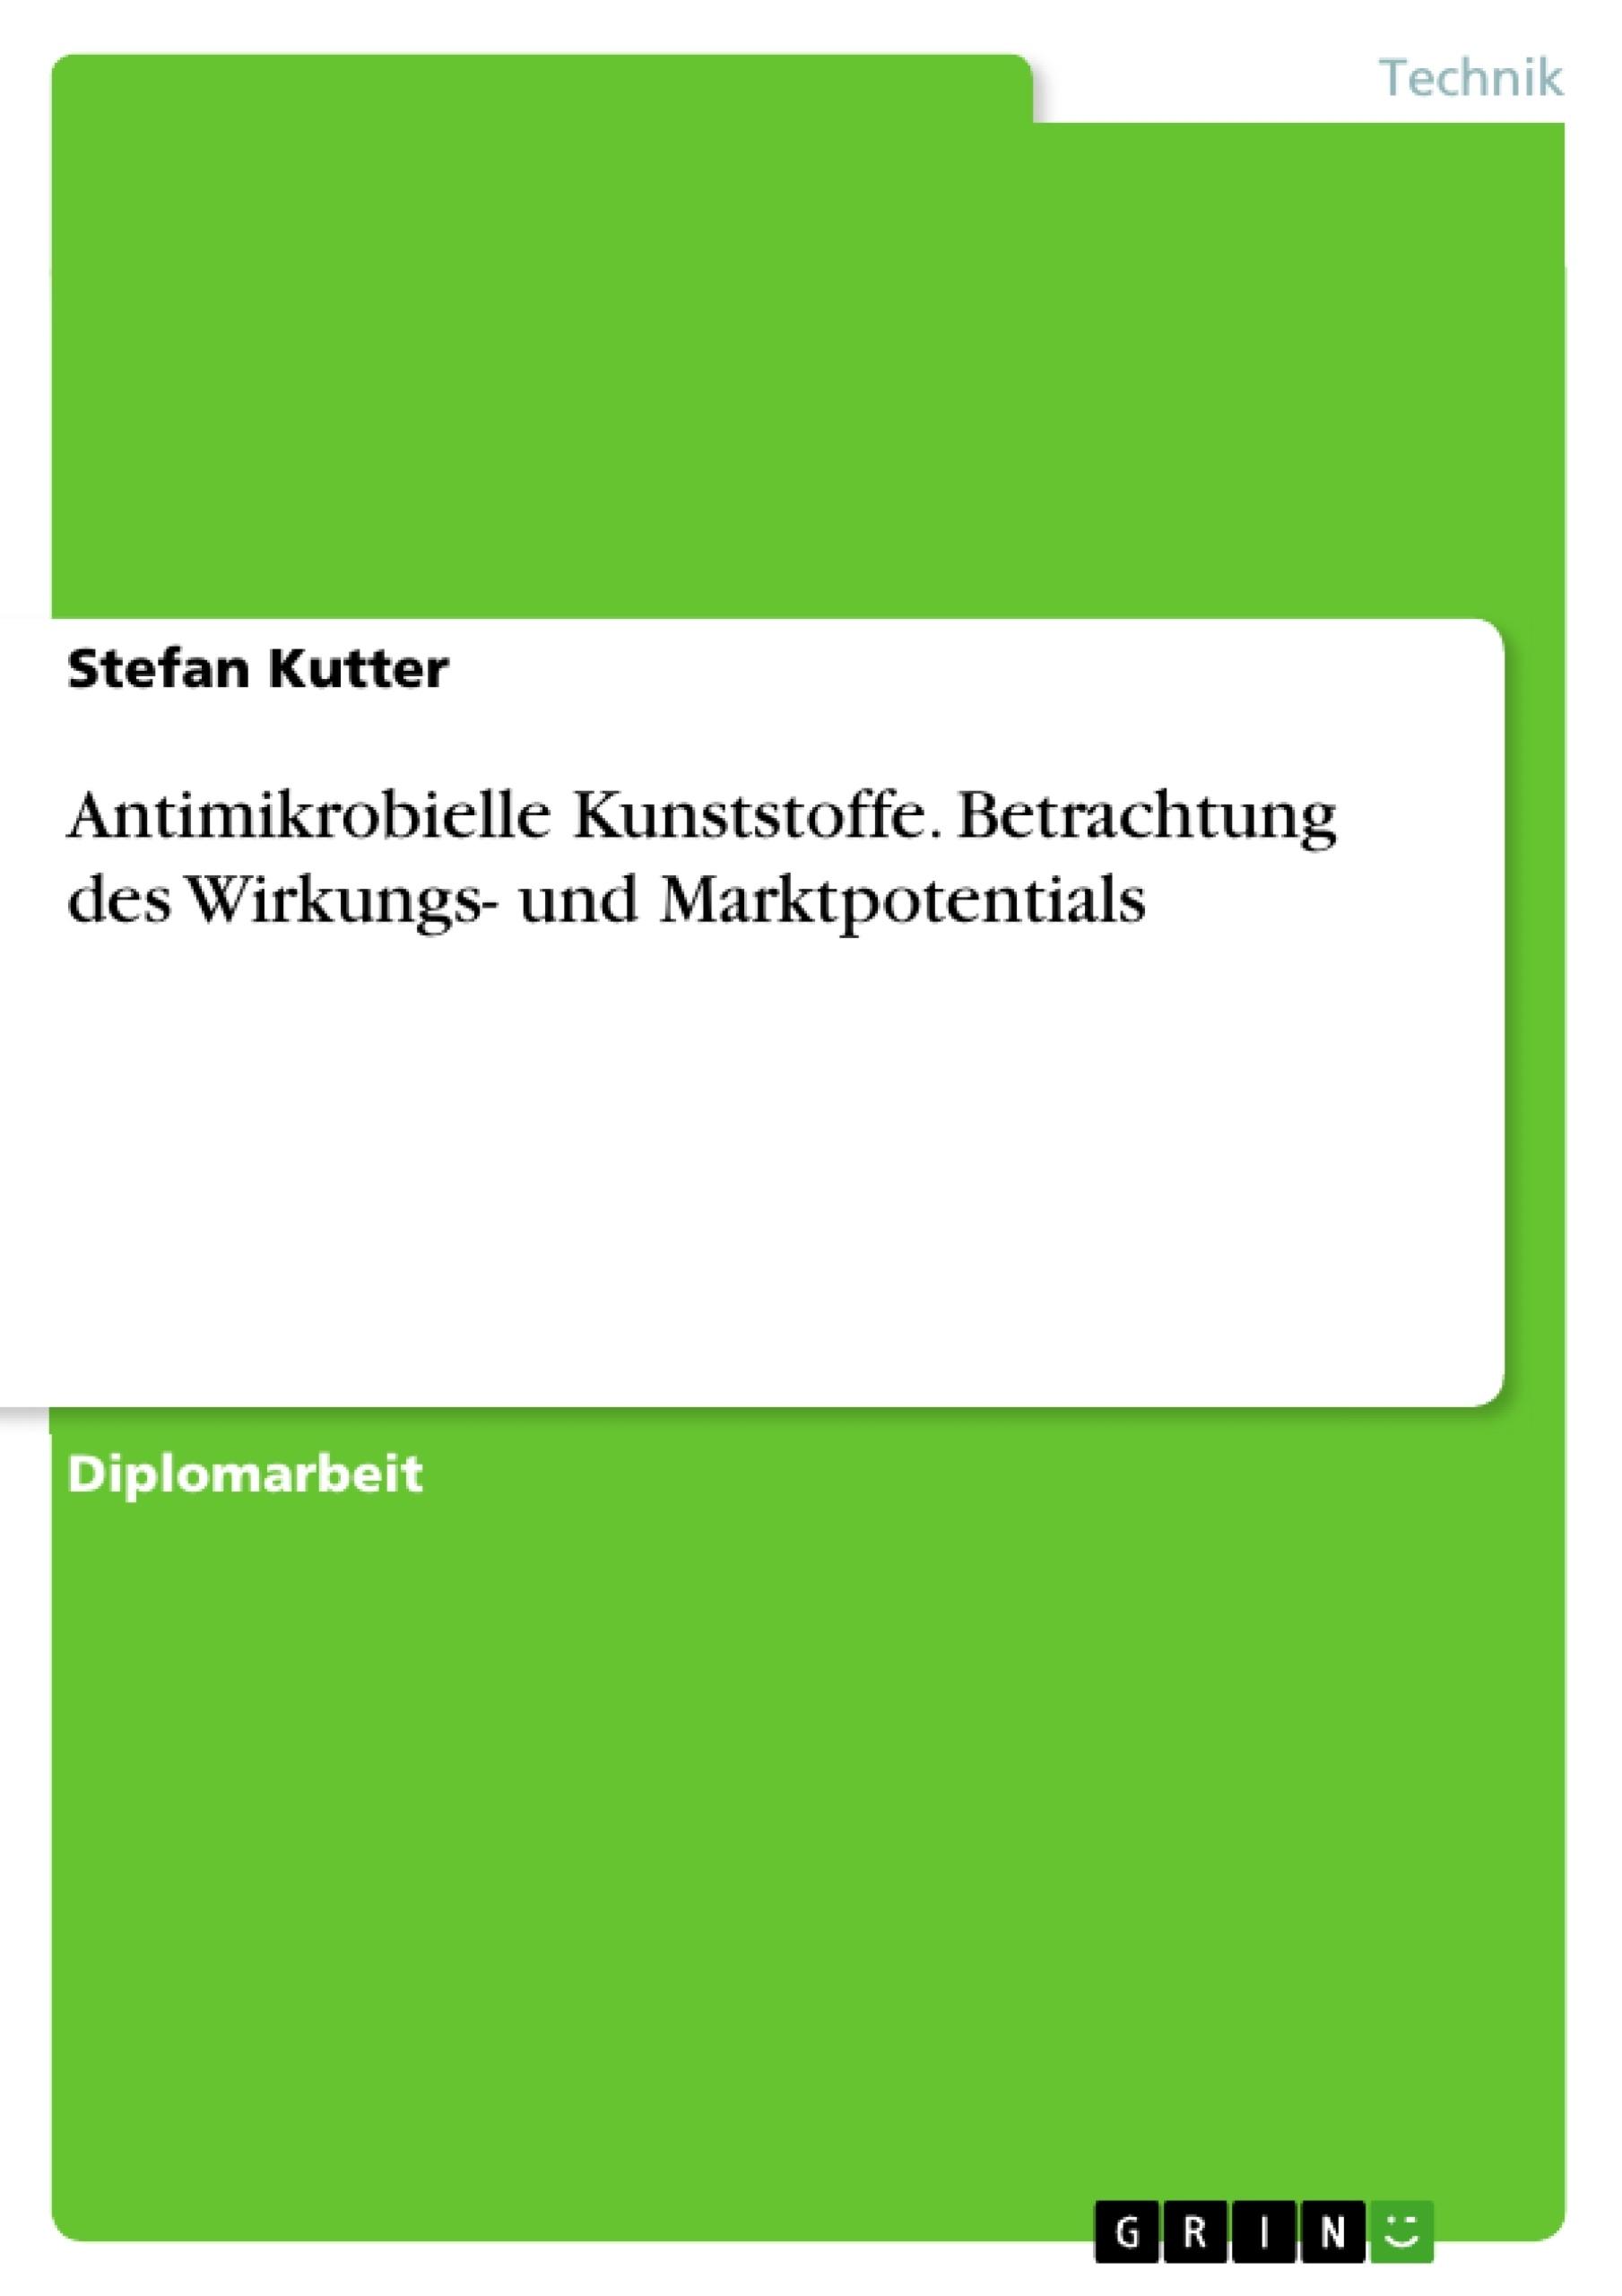 Titel: Antimikrobielle Kunststoffe. Betrachtung des Wirkungs- und Marktpotentials